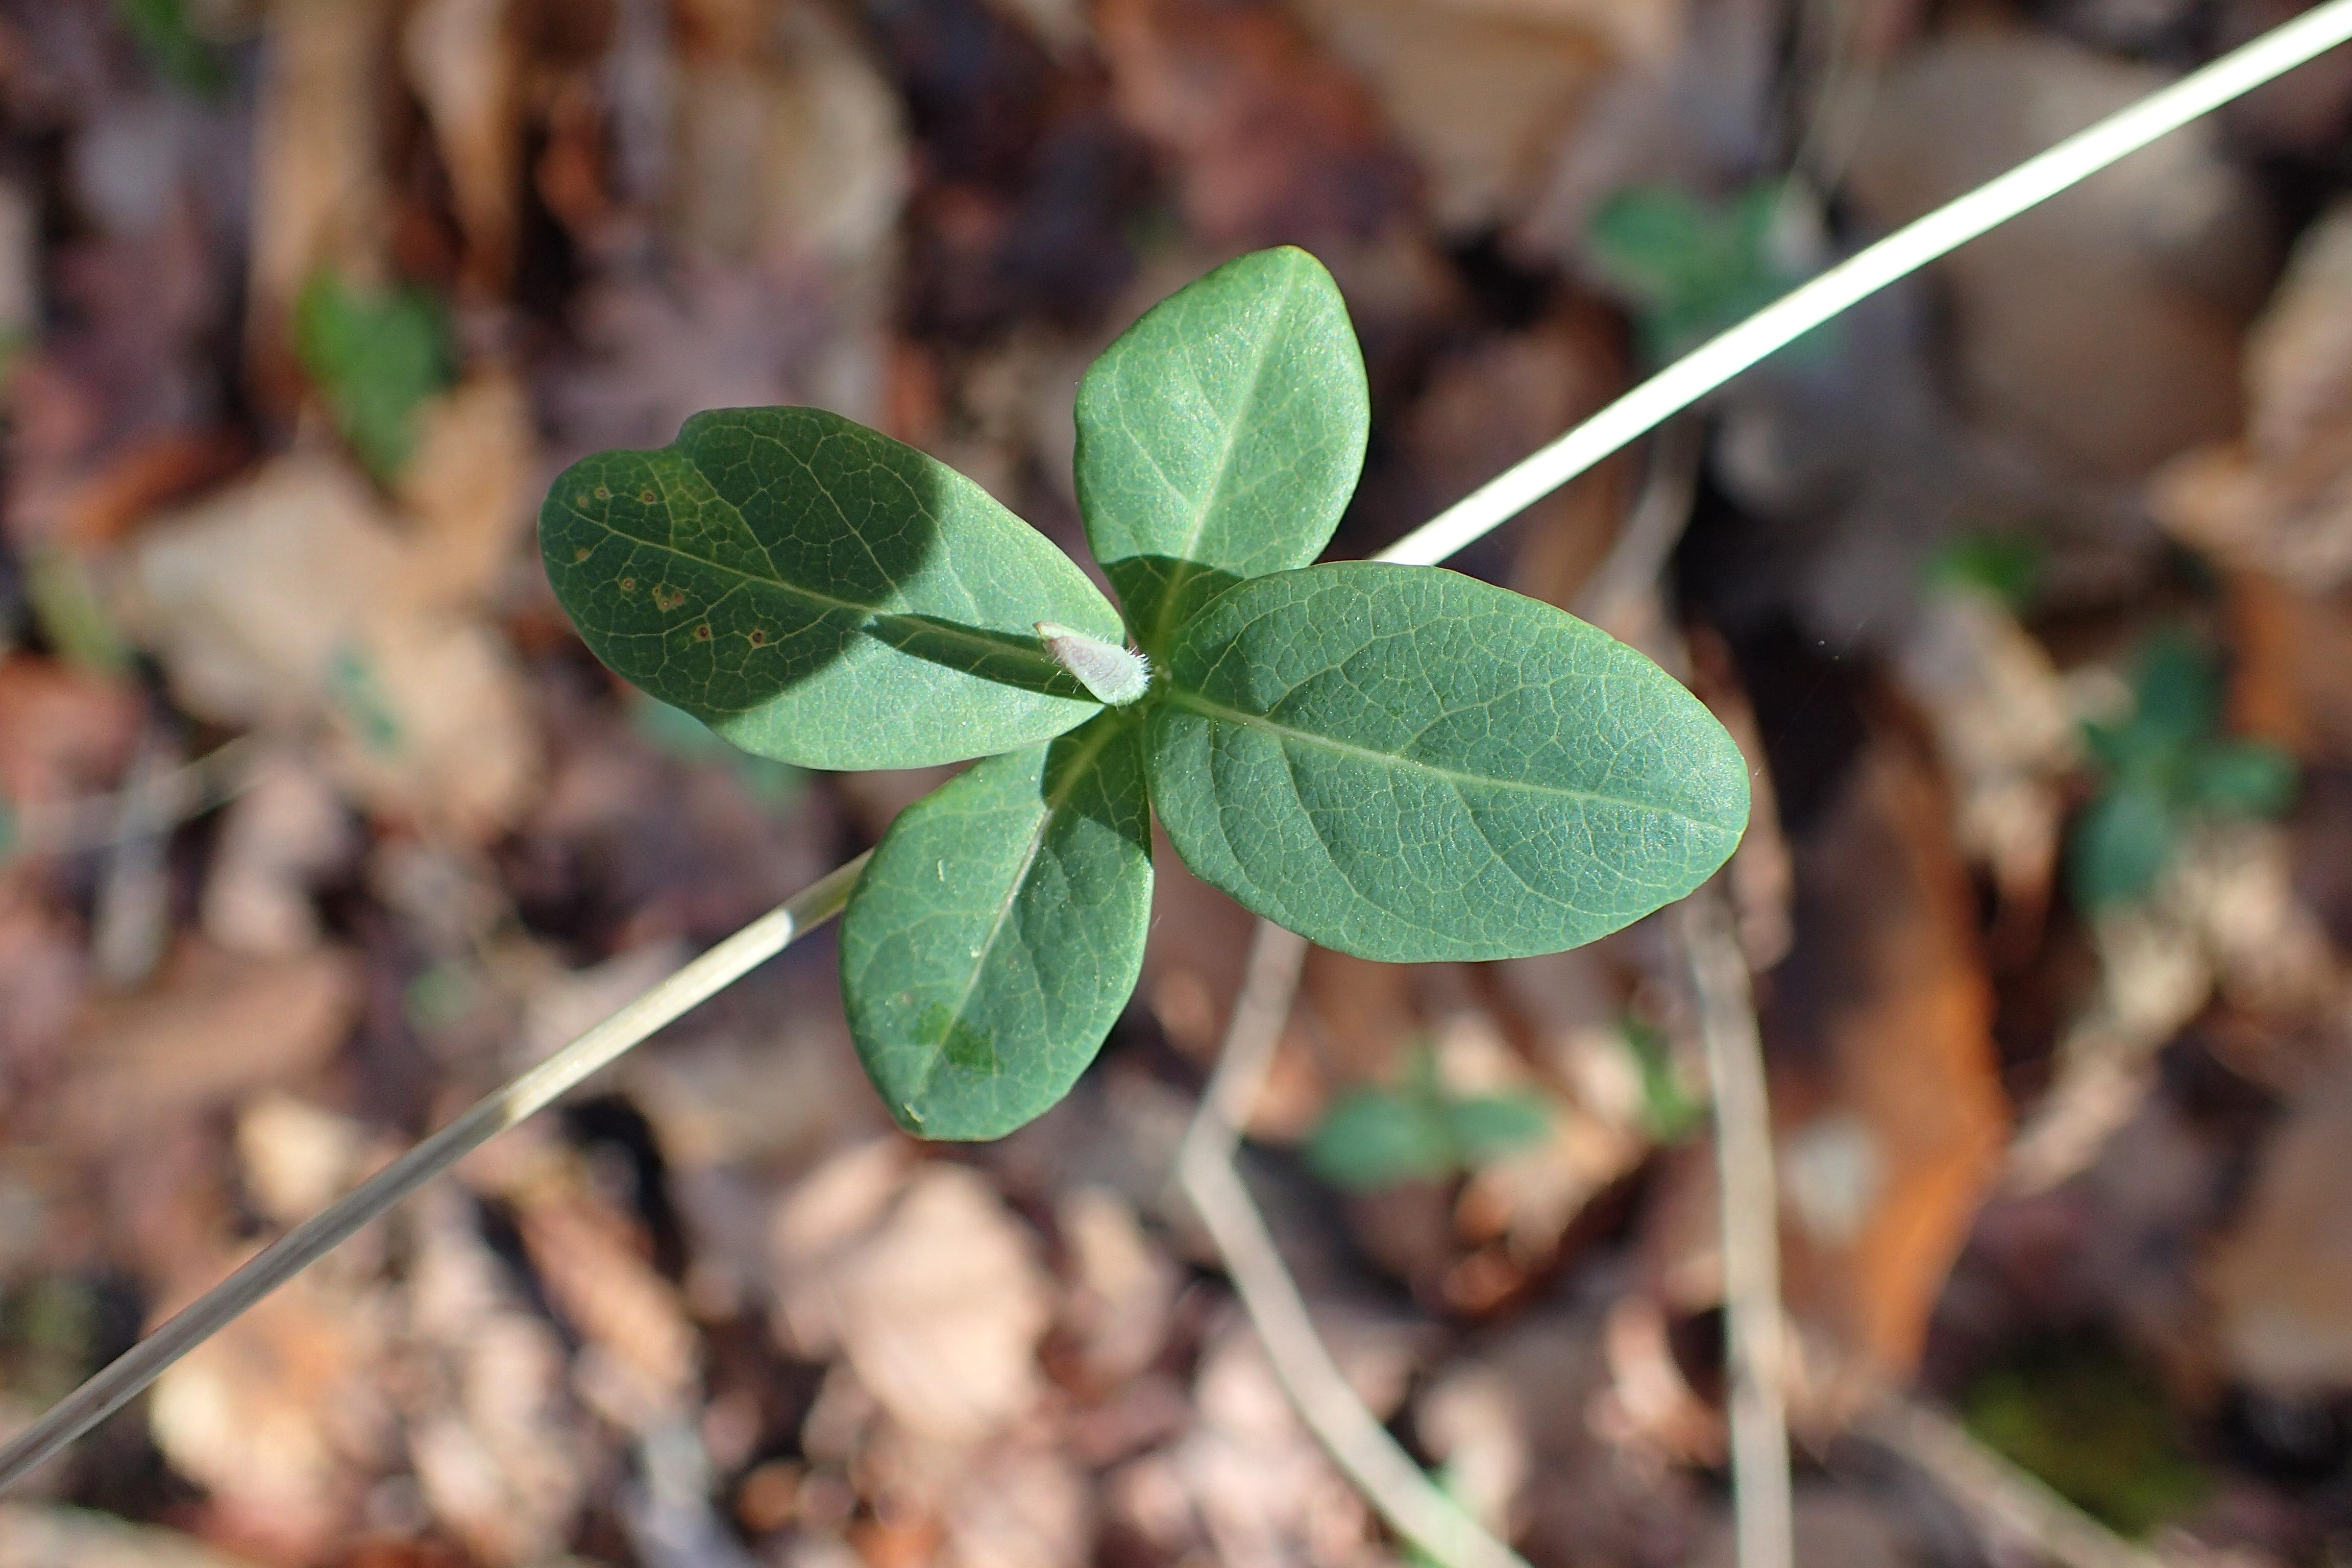 Lonicera caprifolium/ Caprifoliaceae